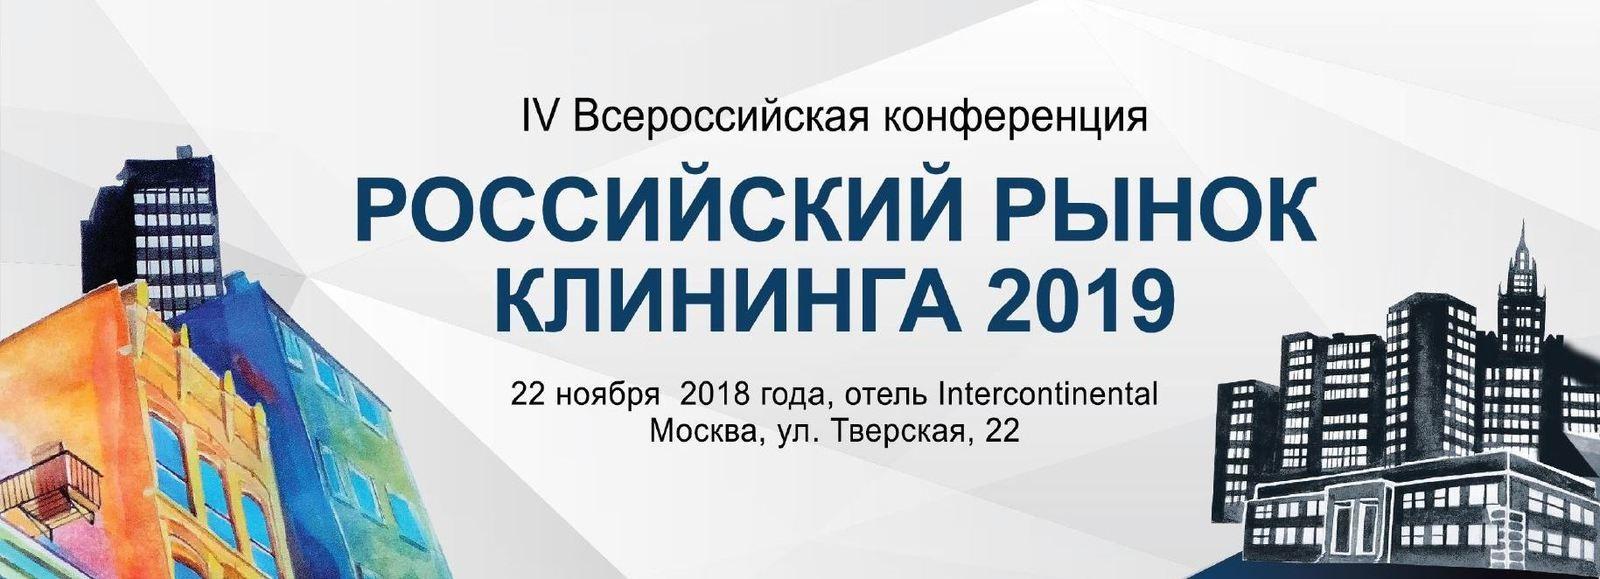 В Москве пройдёт Всероссийская конференция для профессионалов клининга